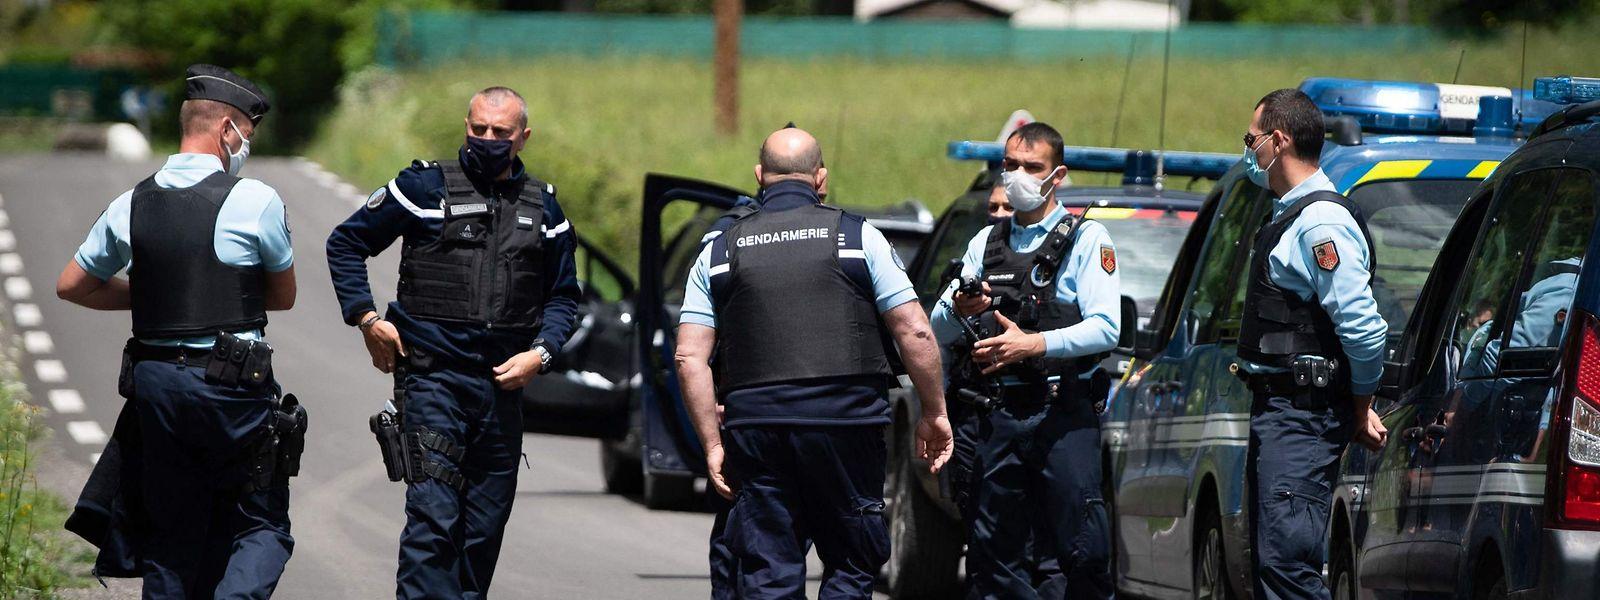 Französische Polizisten am Einsatzort in Saumane in den Cevennen.